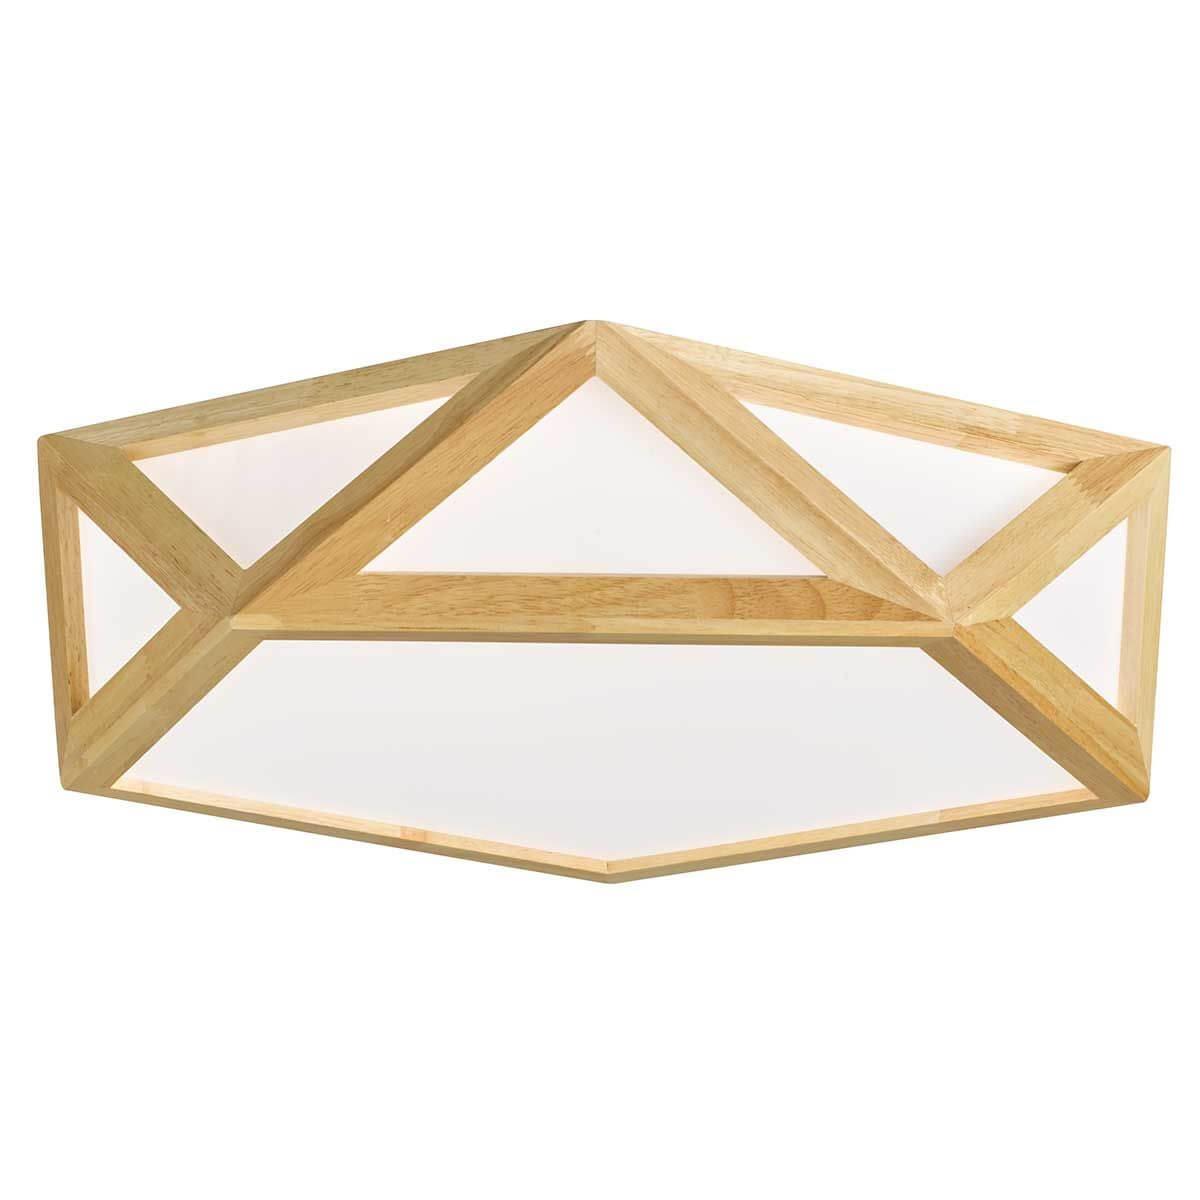 Full Size of Holz Lampe Esstisch Selber Bauen Deckenleuchten Rustikal Deckenleuchte Led Rund Selbst Holzlampe Decke 2 Ring Led Deckenleuchte Ausgefallene Design Obi Wohnzimmer Holz Deckenleuchte